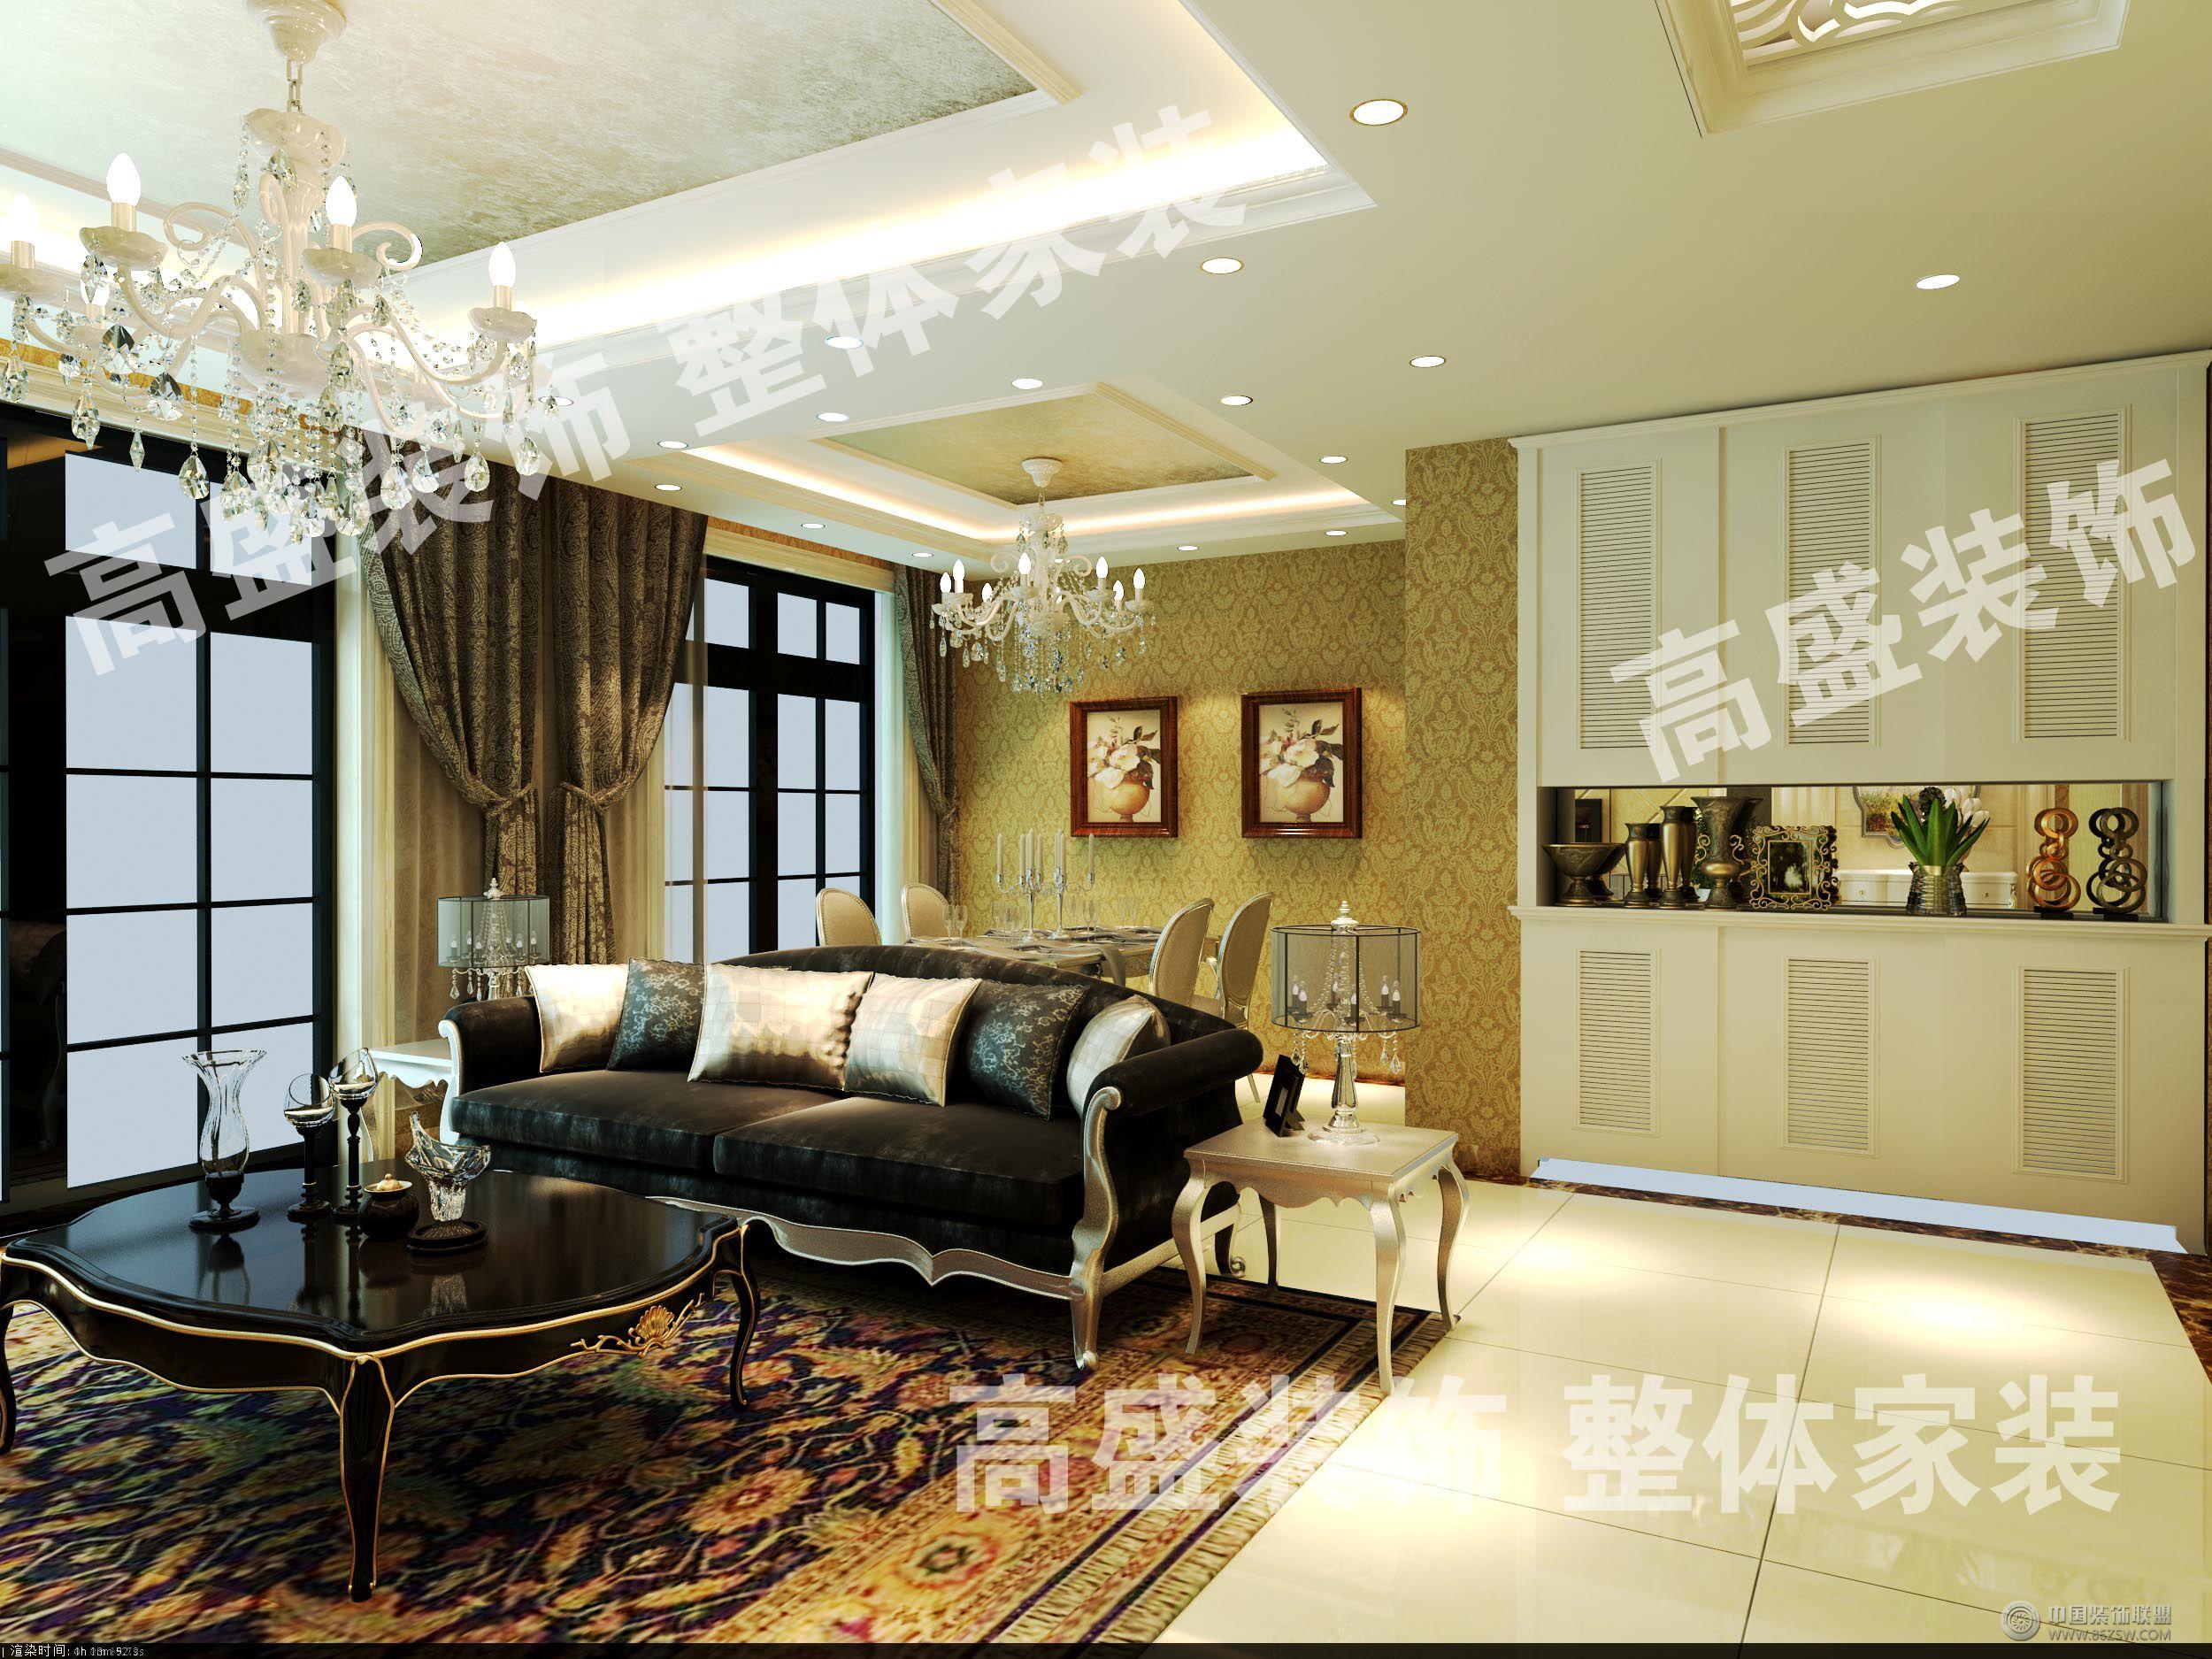 天山熙湖欧式客厅装修图片